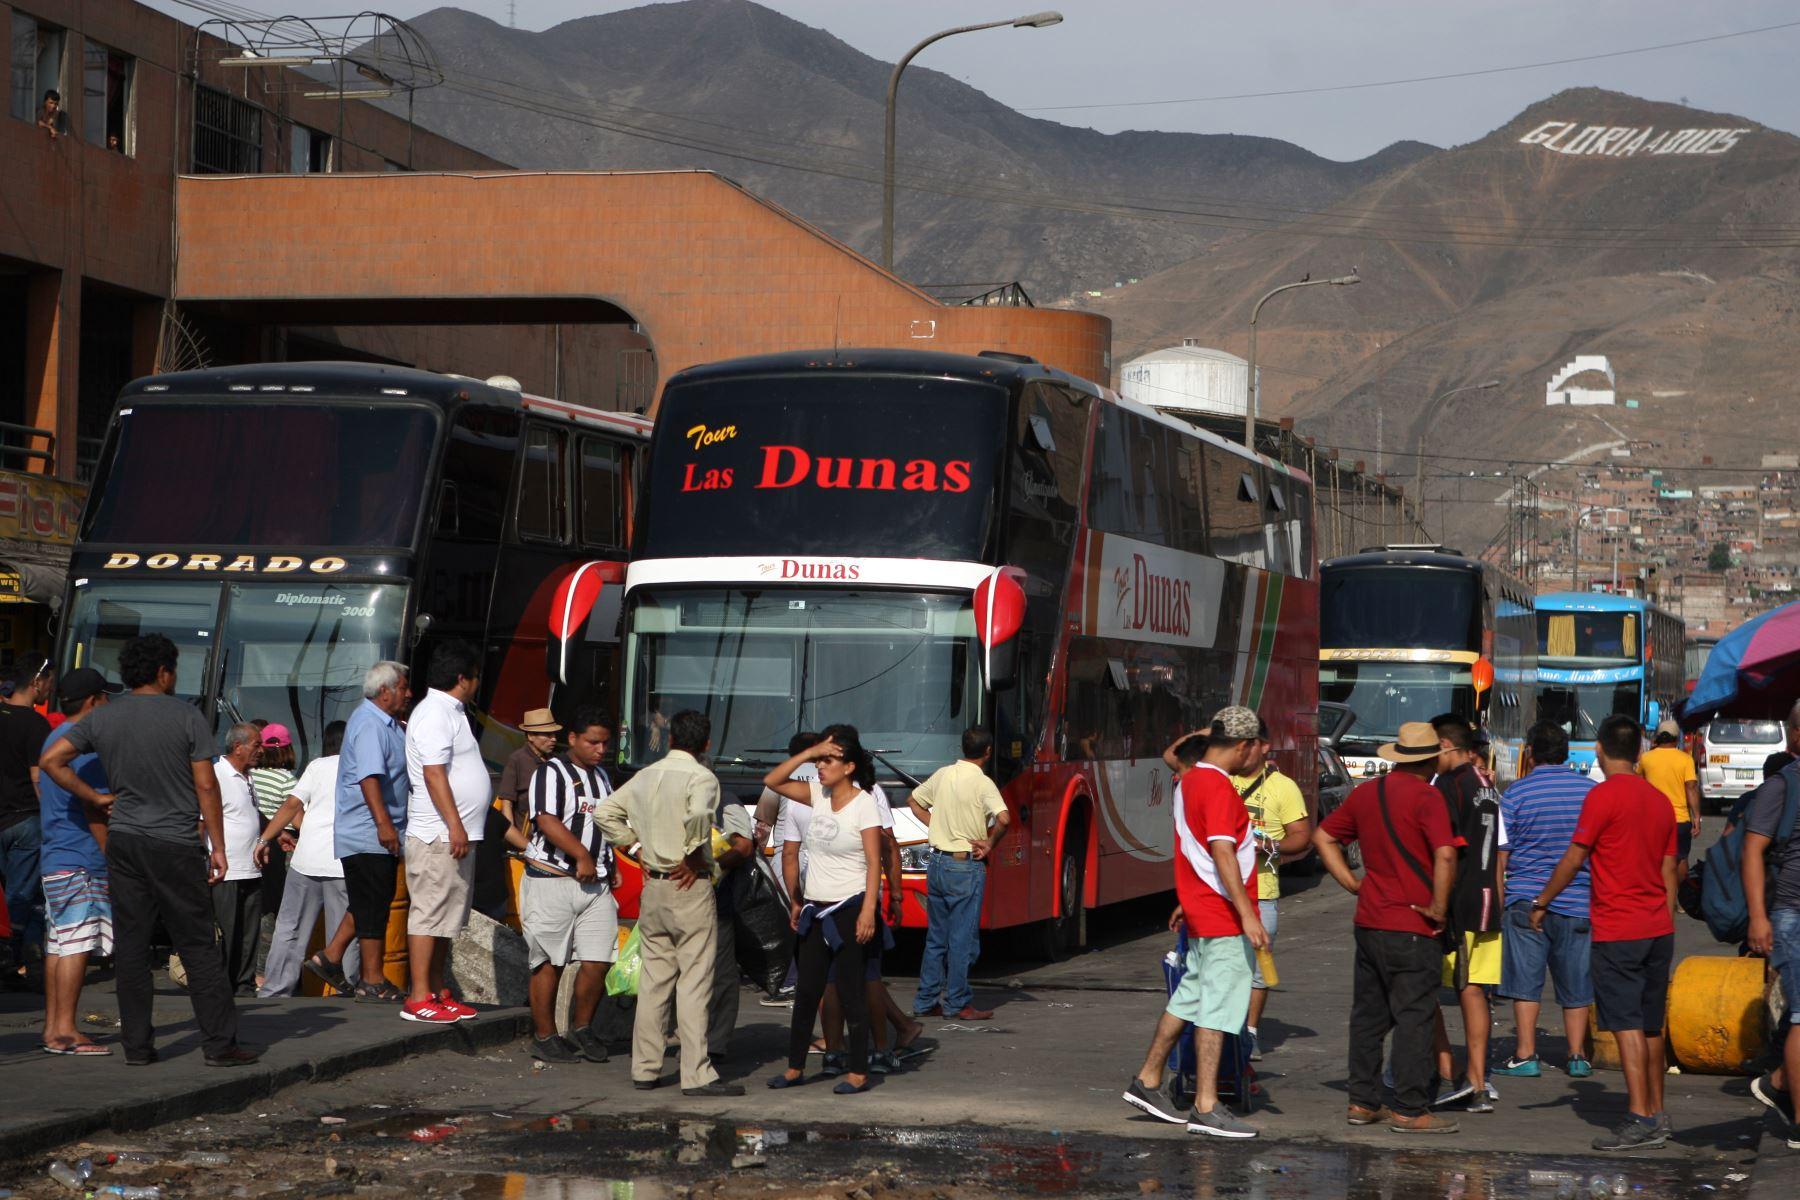 Transportistas tienen 60 días para encontrar un local — Fiori